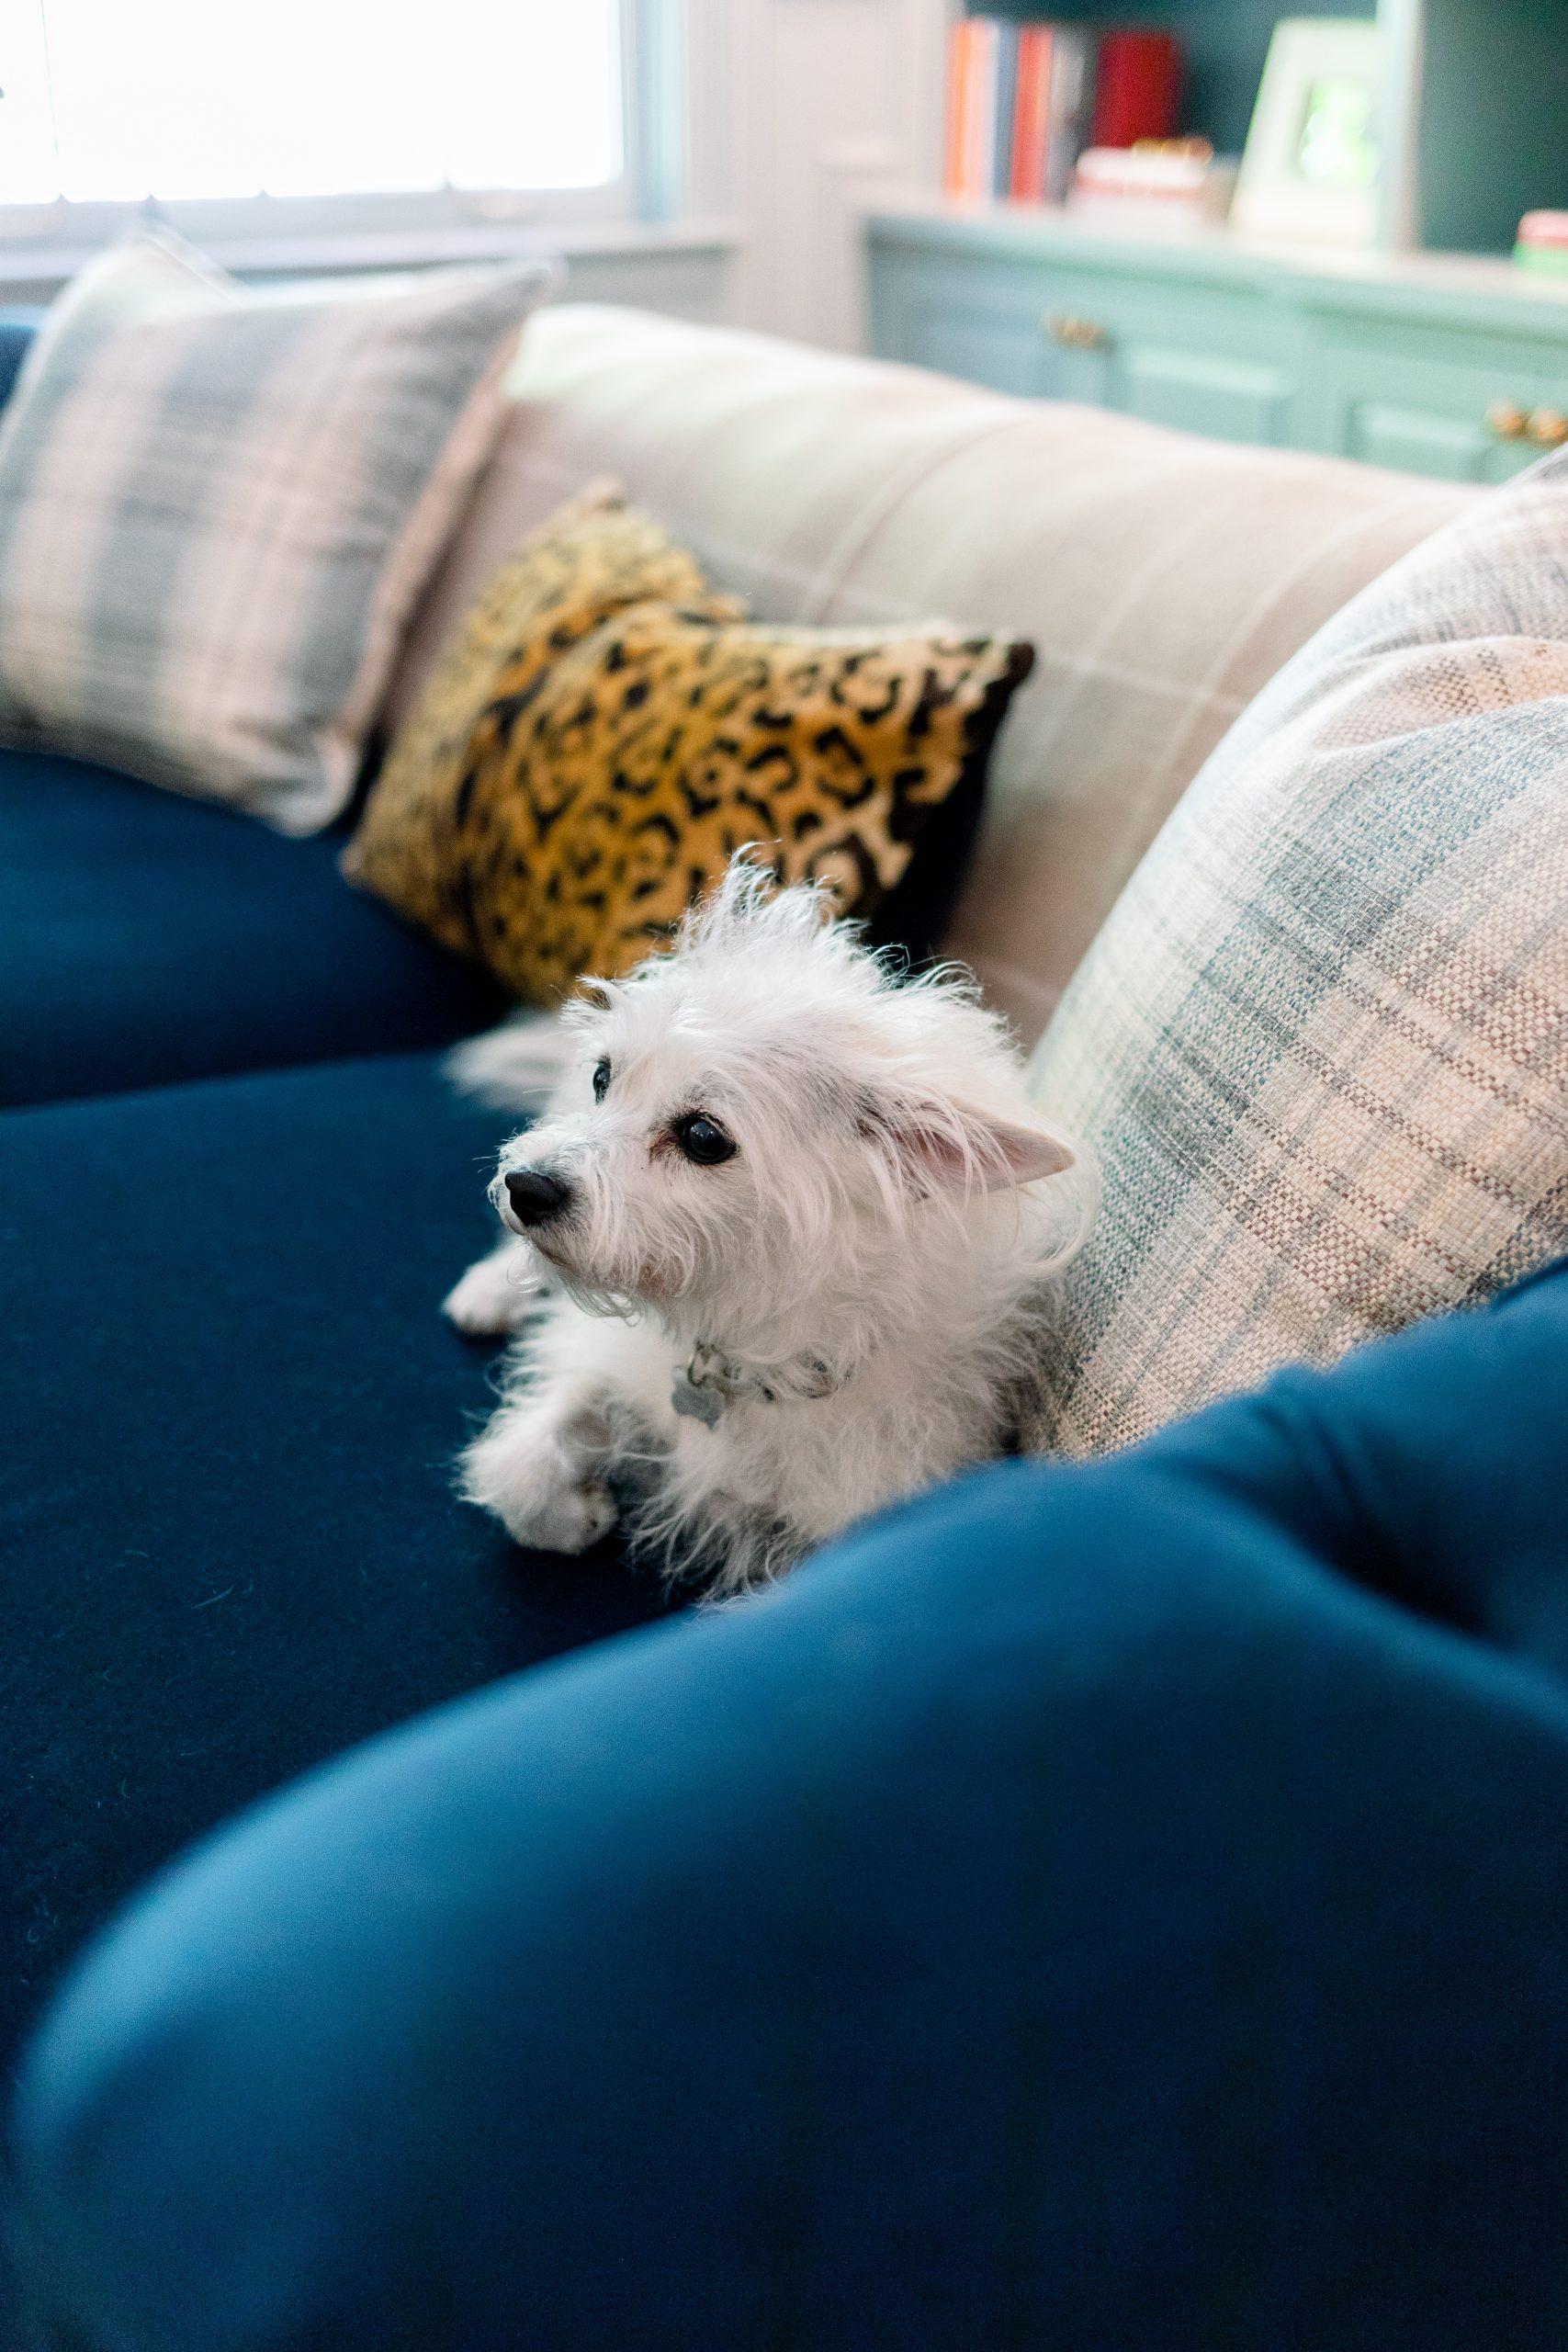 Little dog on blue velvet sofa